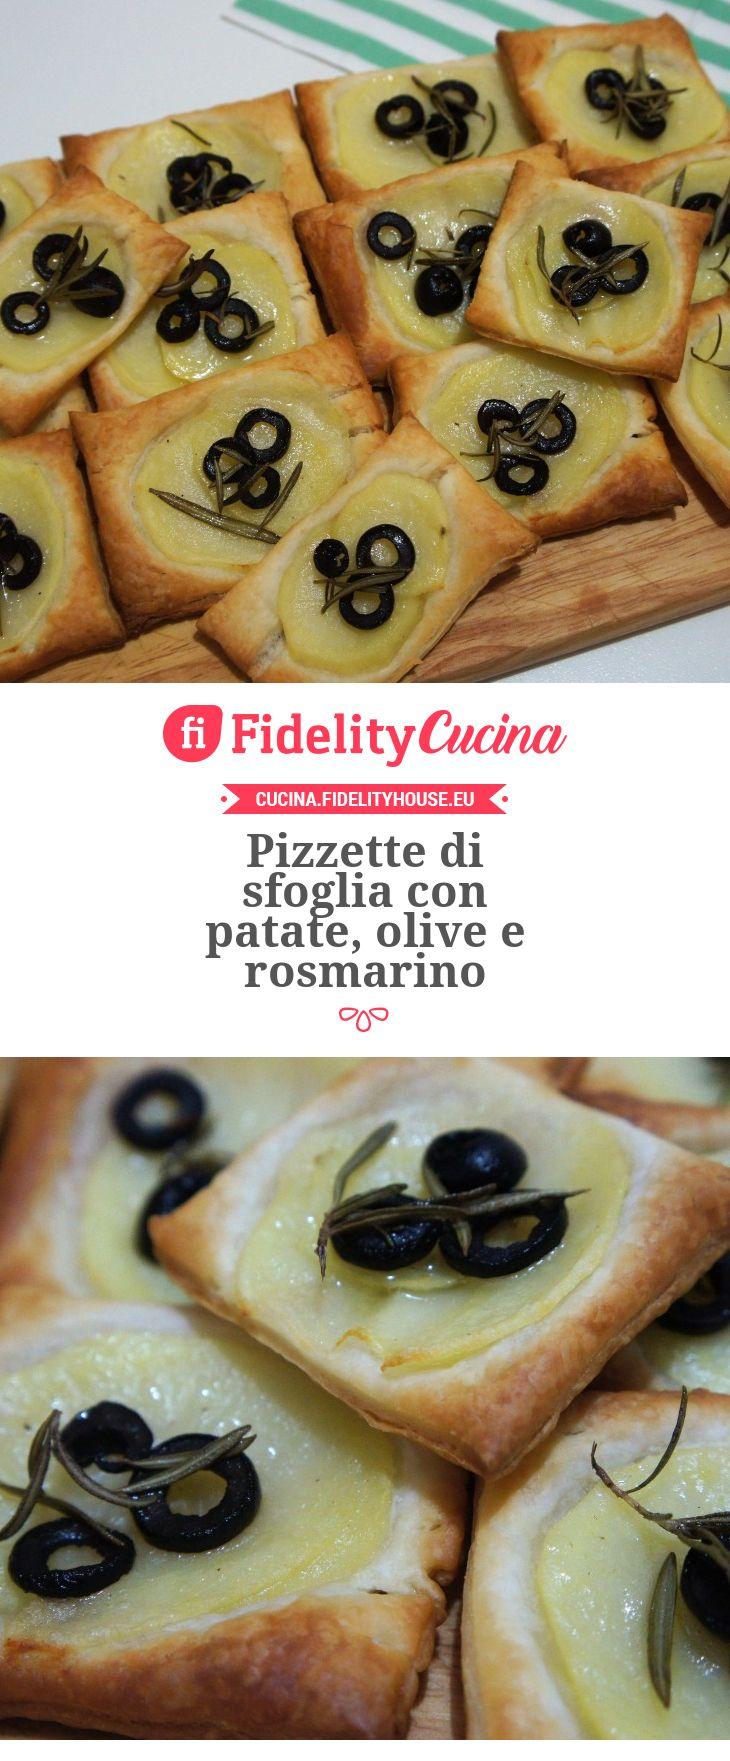 Pizzette di sfoglia con patate, olive e rosmarino